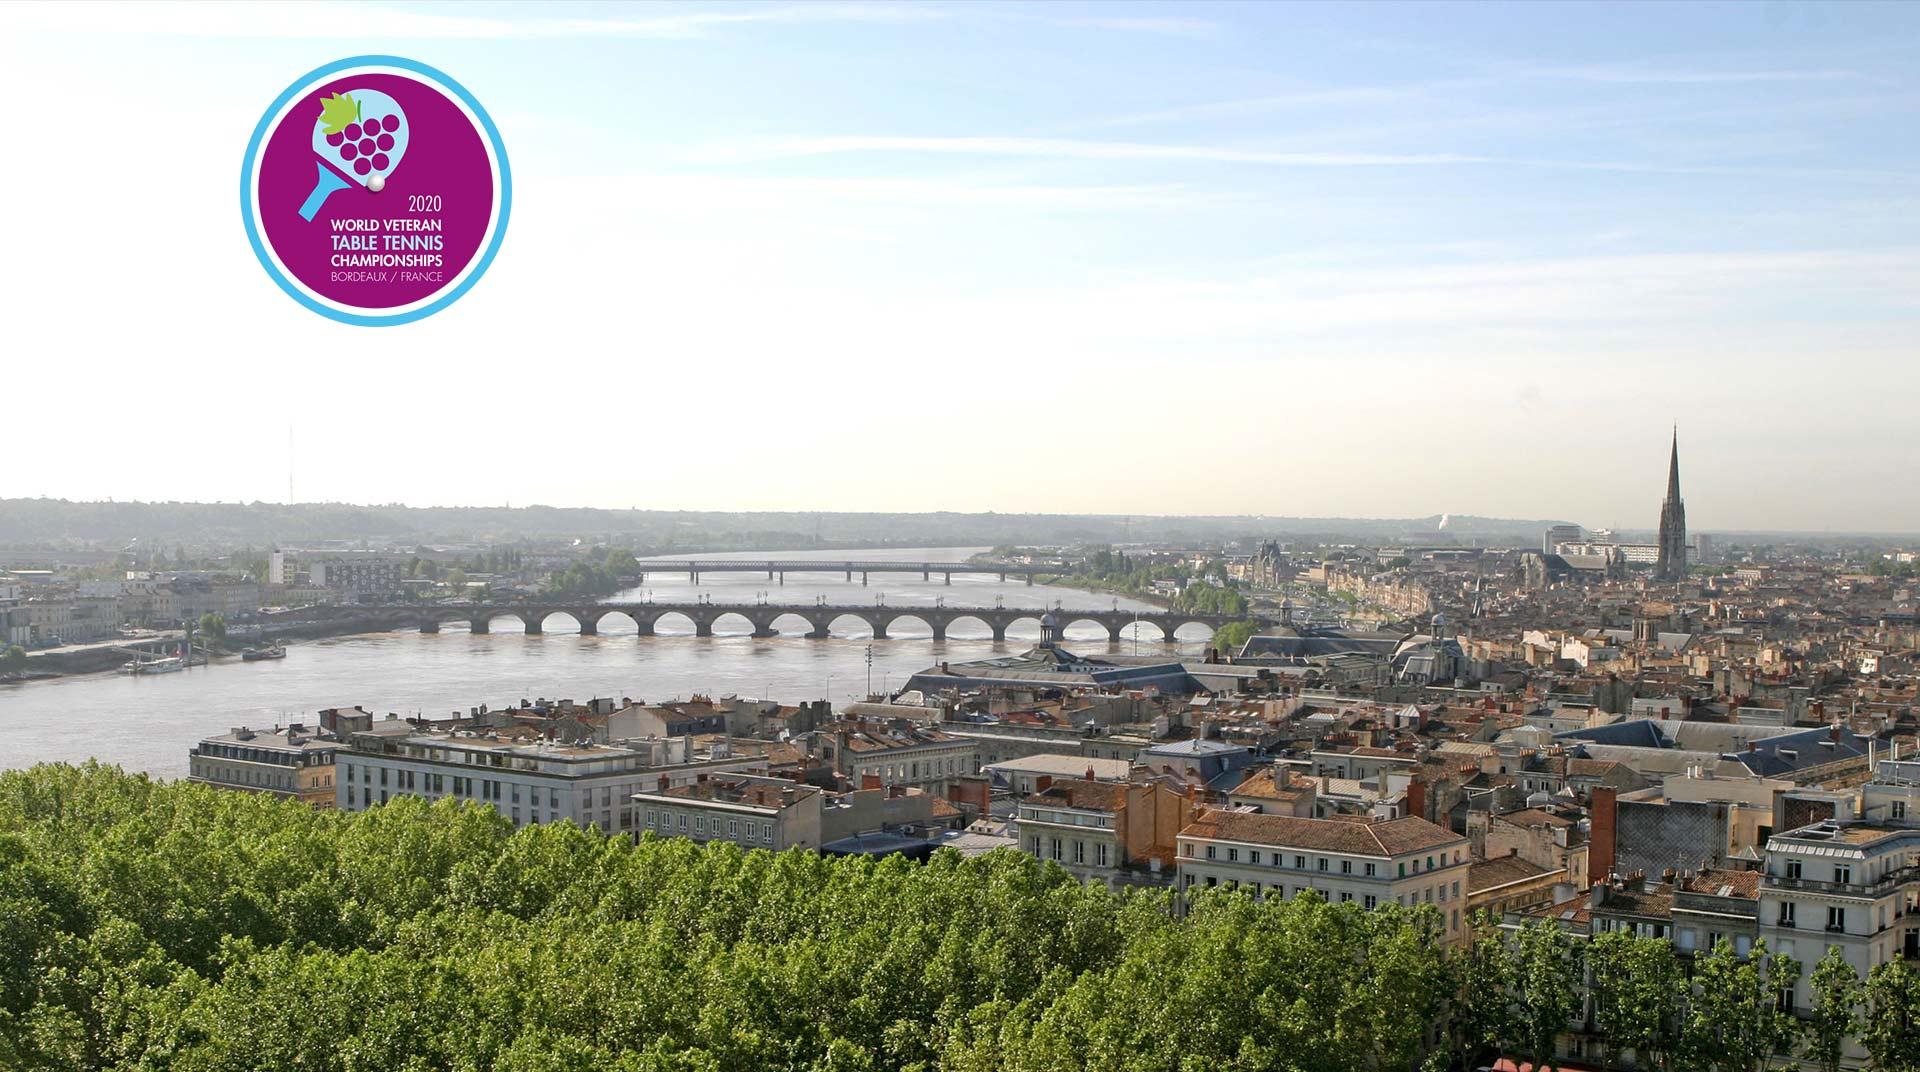 Programm online und als Download verfügbar: Tischtennis WM der Senioren 2020 in Bordeaux